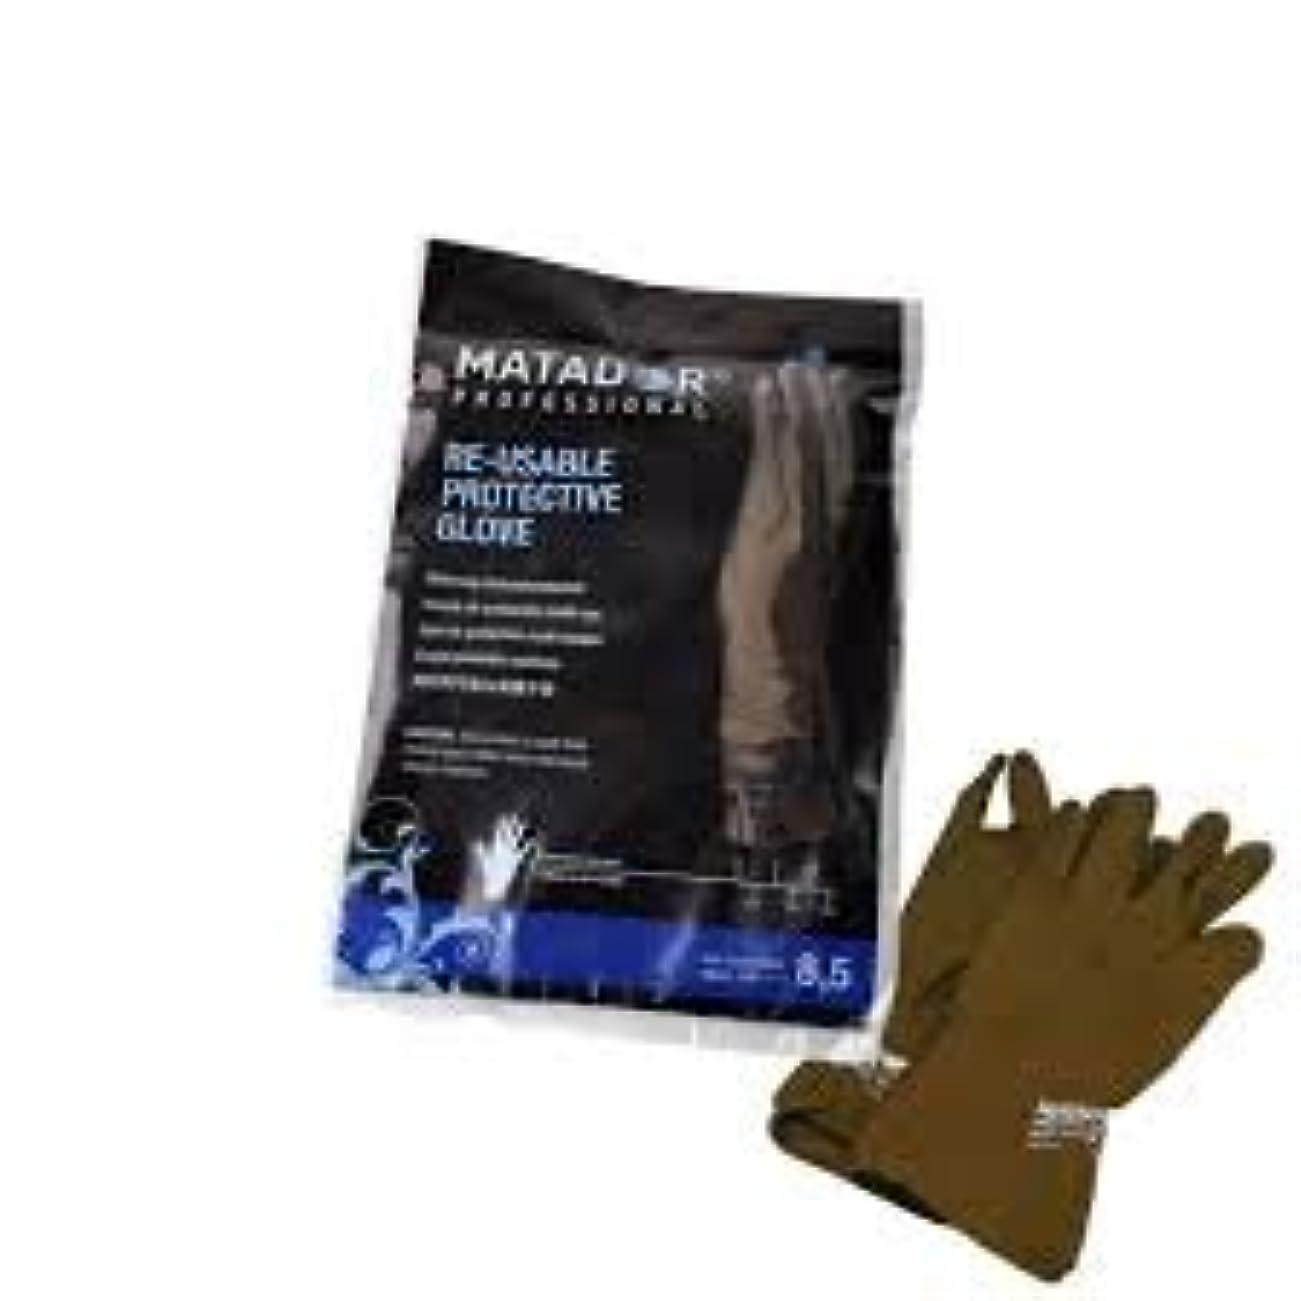 軽減反対に膿瘍マタドールゴム手袋 8.5吋 【5個セット】